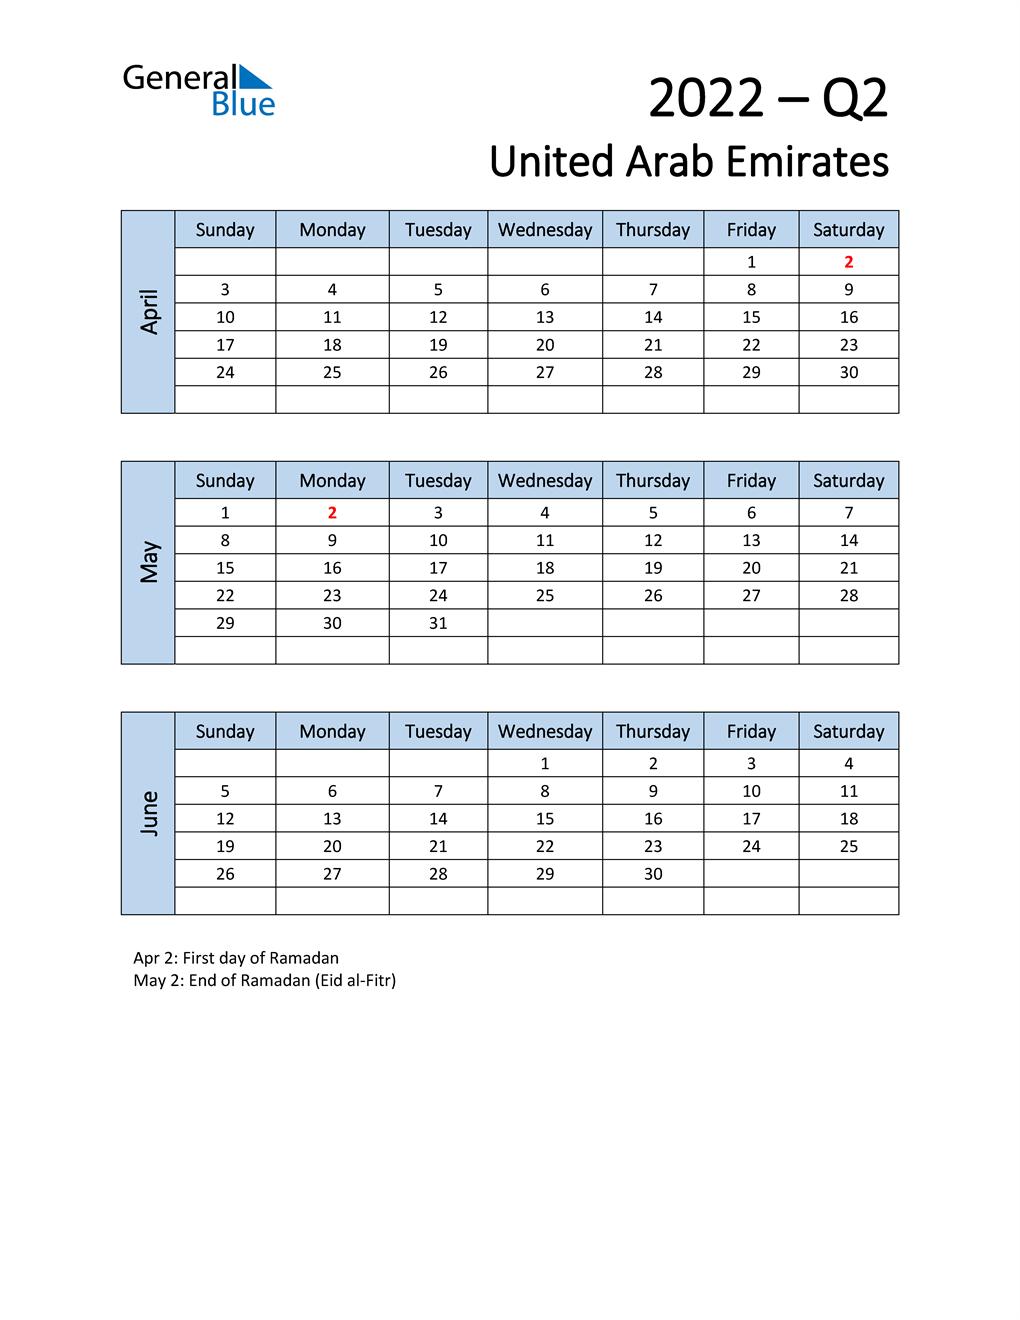 Free Q2 2022 Calendar for United Arab Emirates